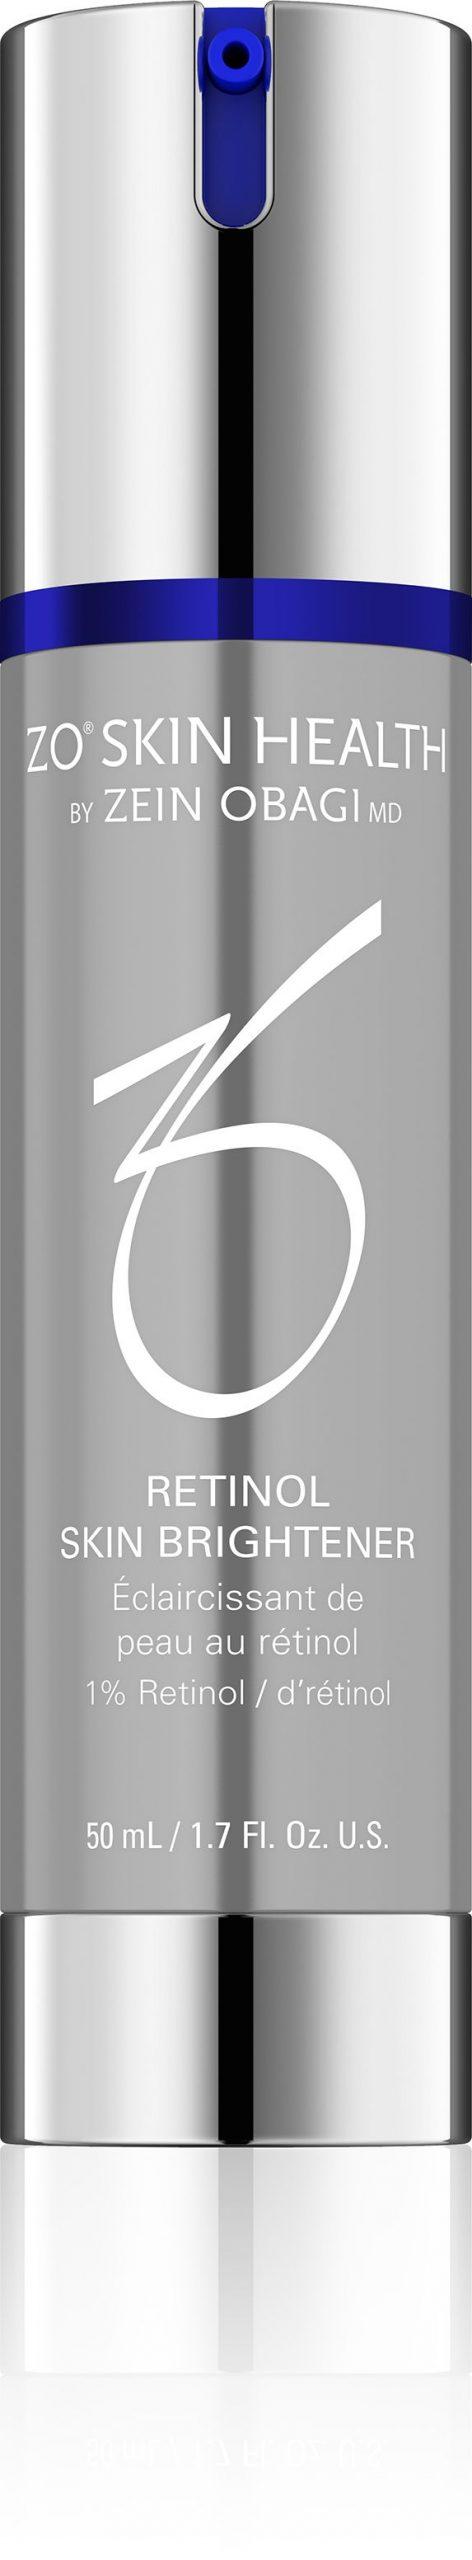 ZO Retinol Skin Brightener (Retinol 1%)